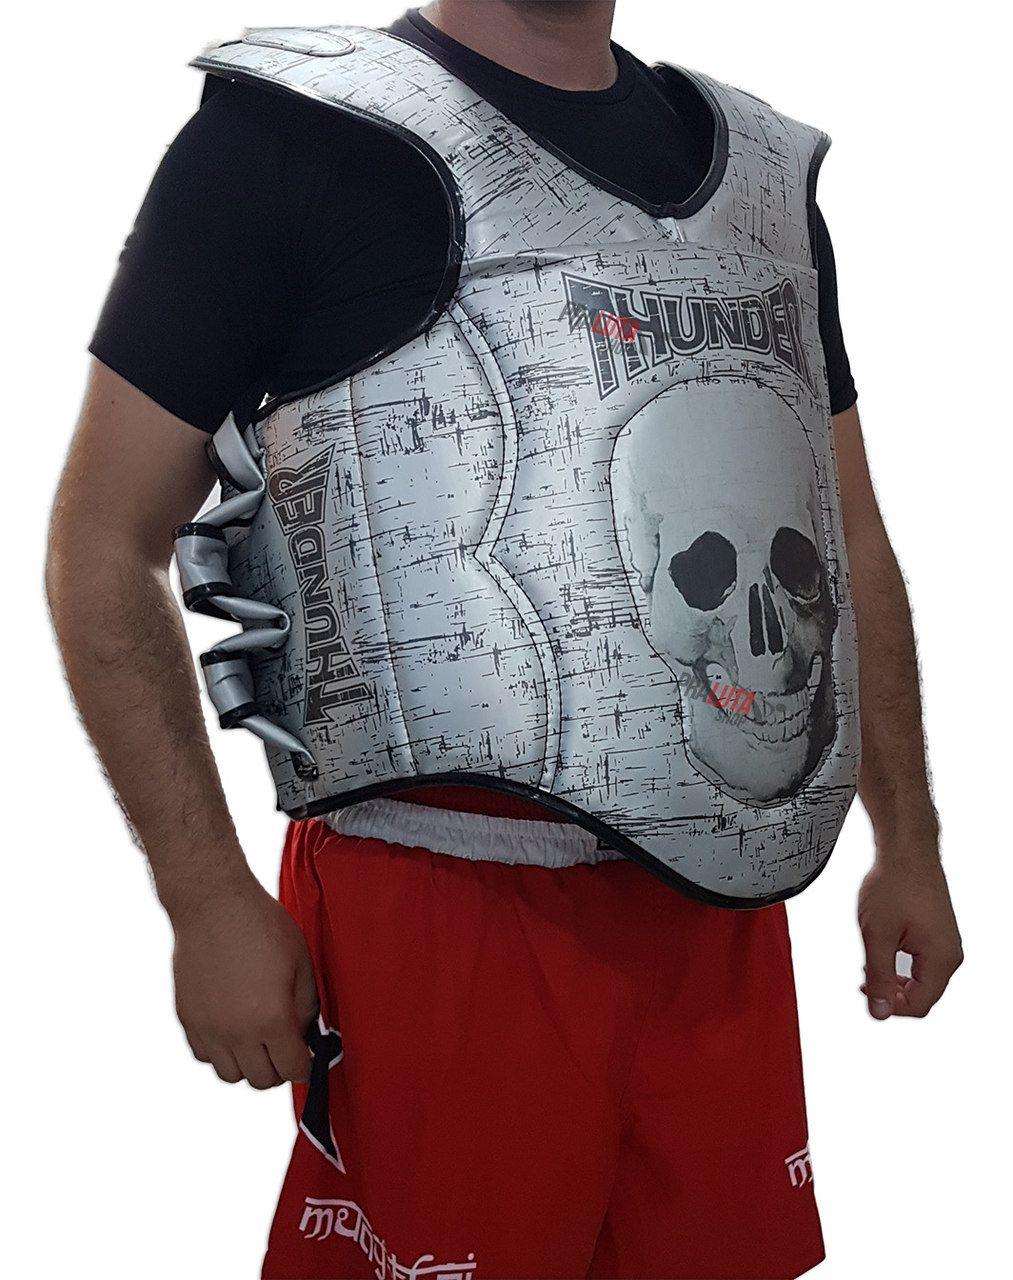 Protetor de Tórax Colete Super Reforçado Muay Thai / Boxe - Thunder Fight  - PRALUTA SHOP